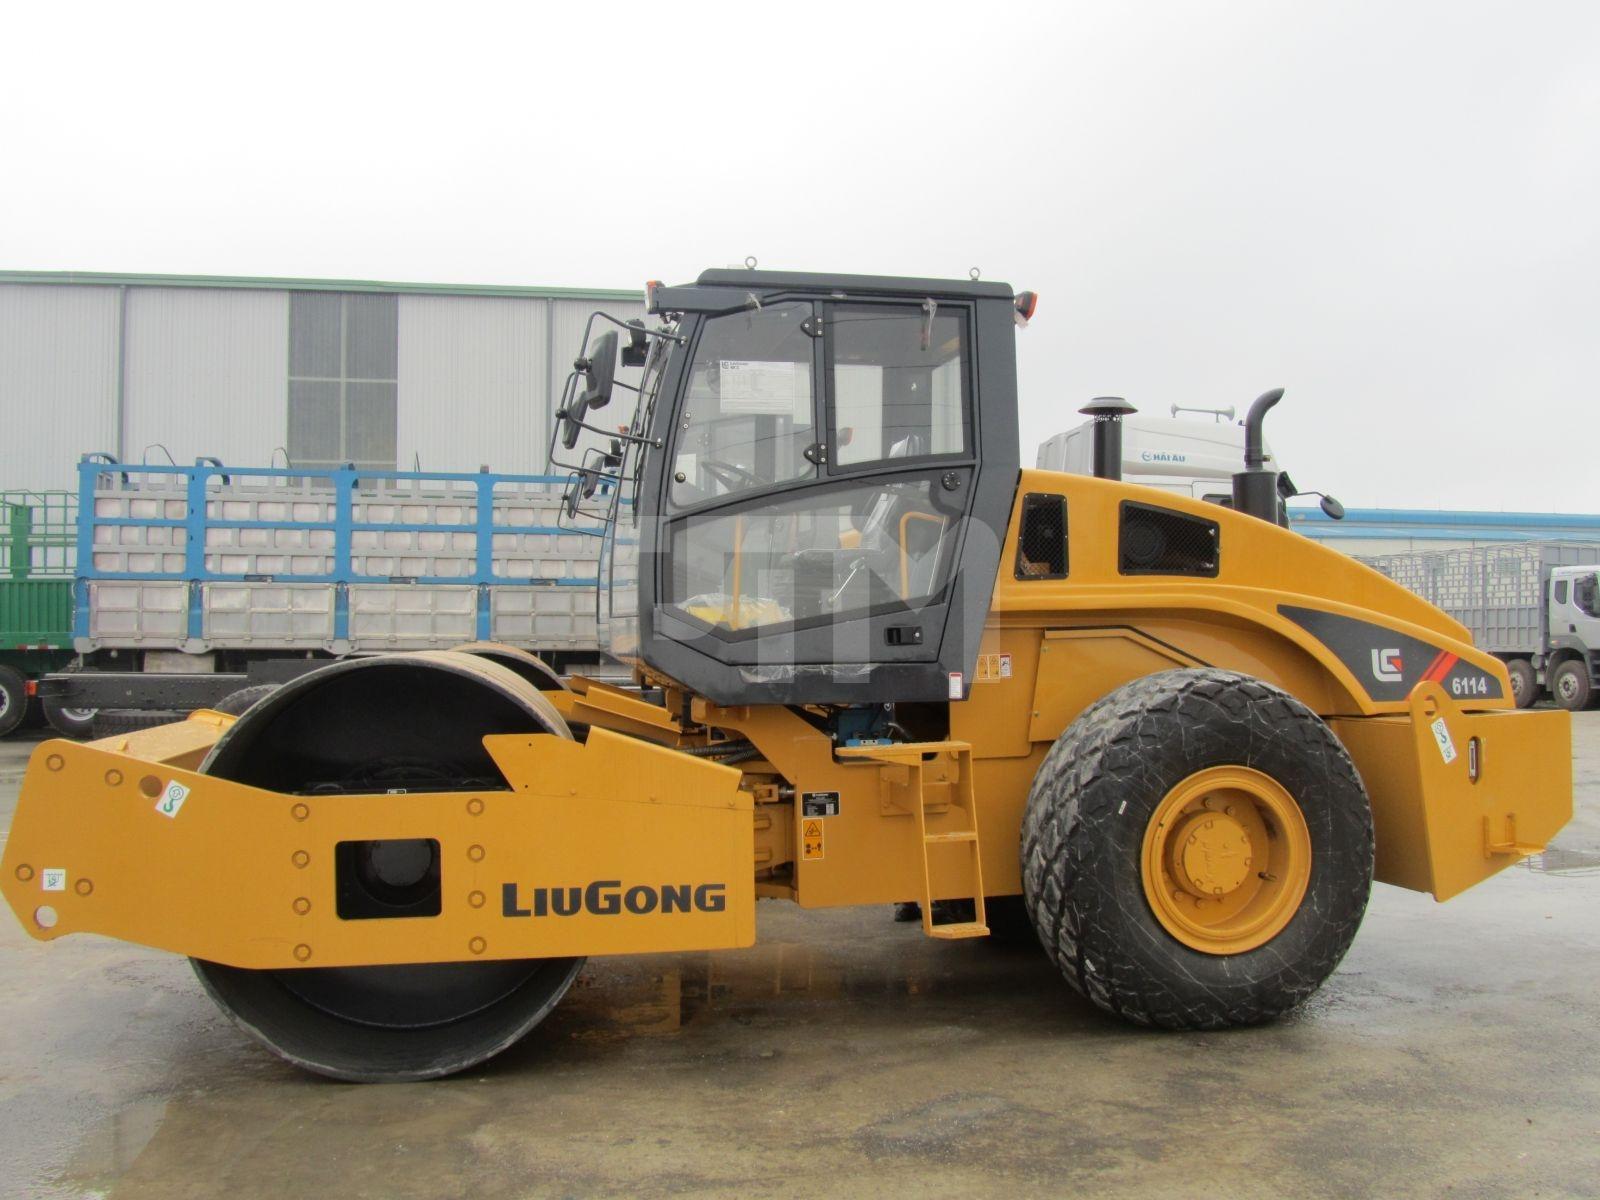 CLG6114